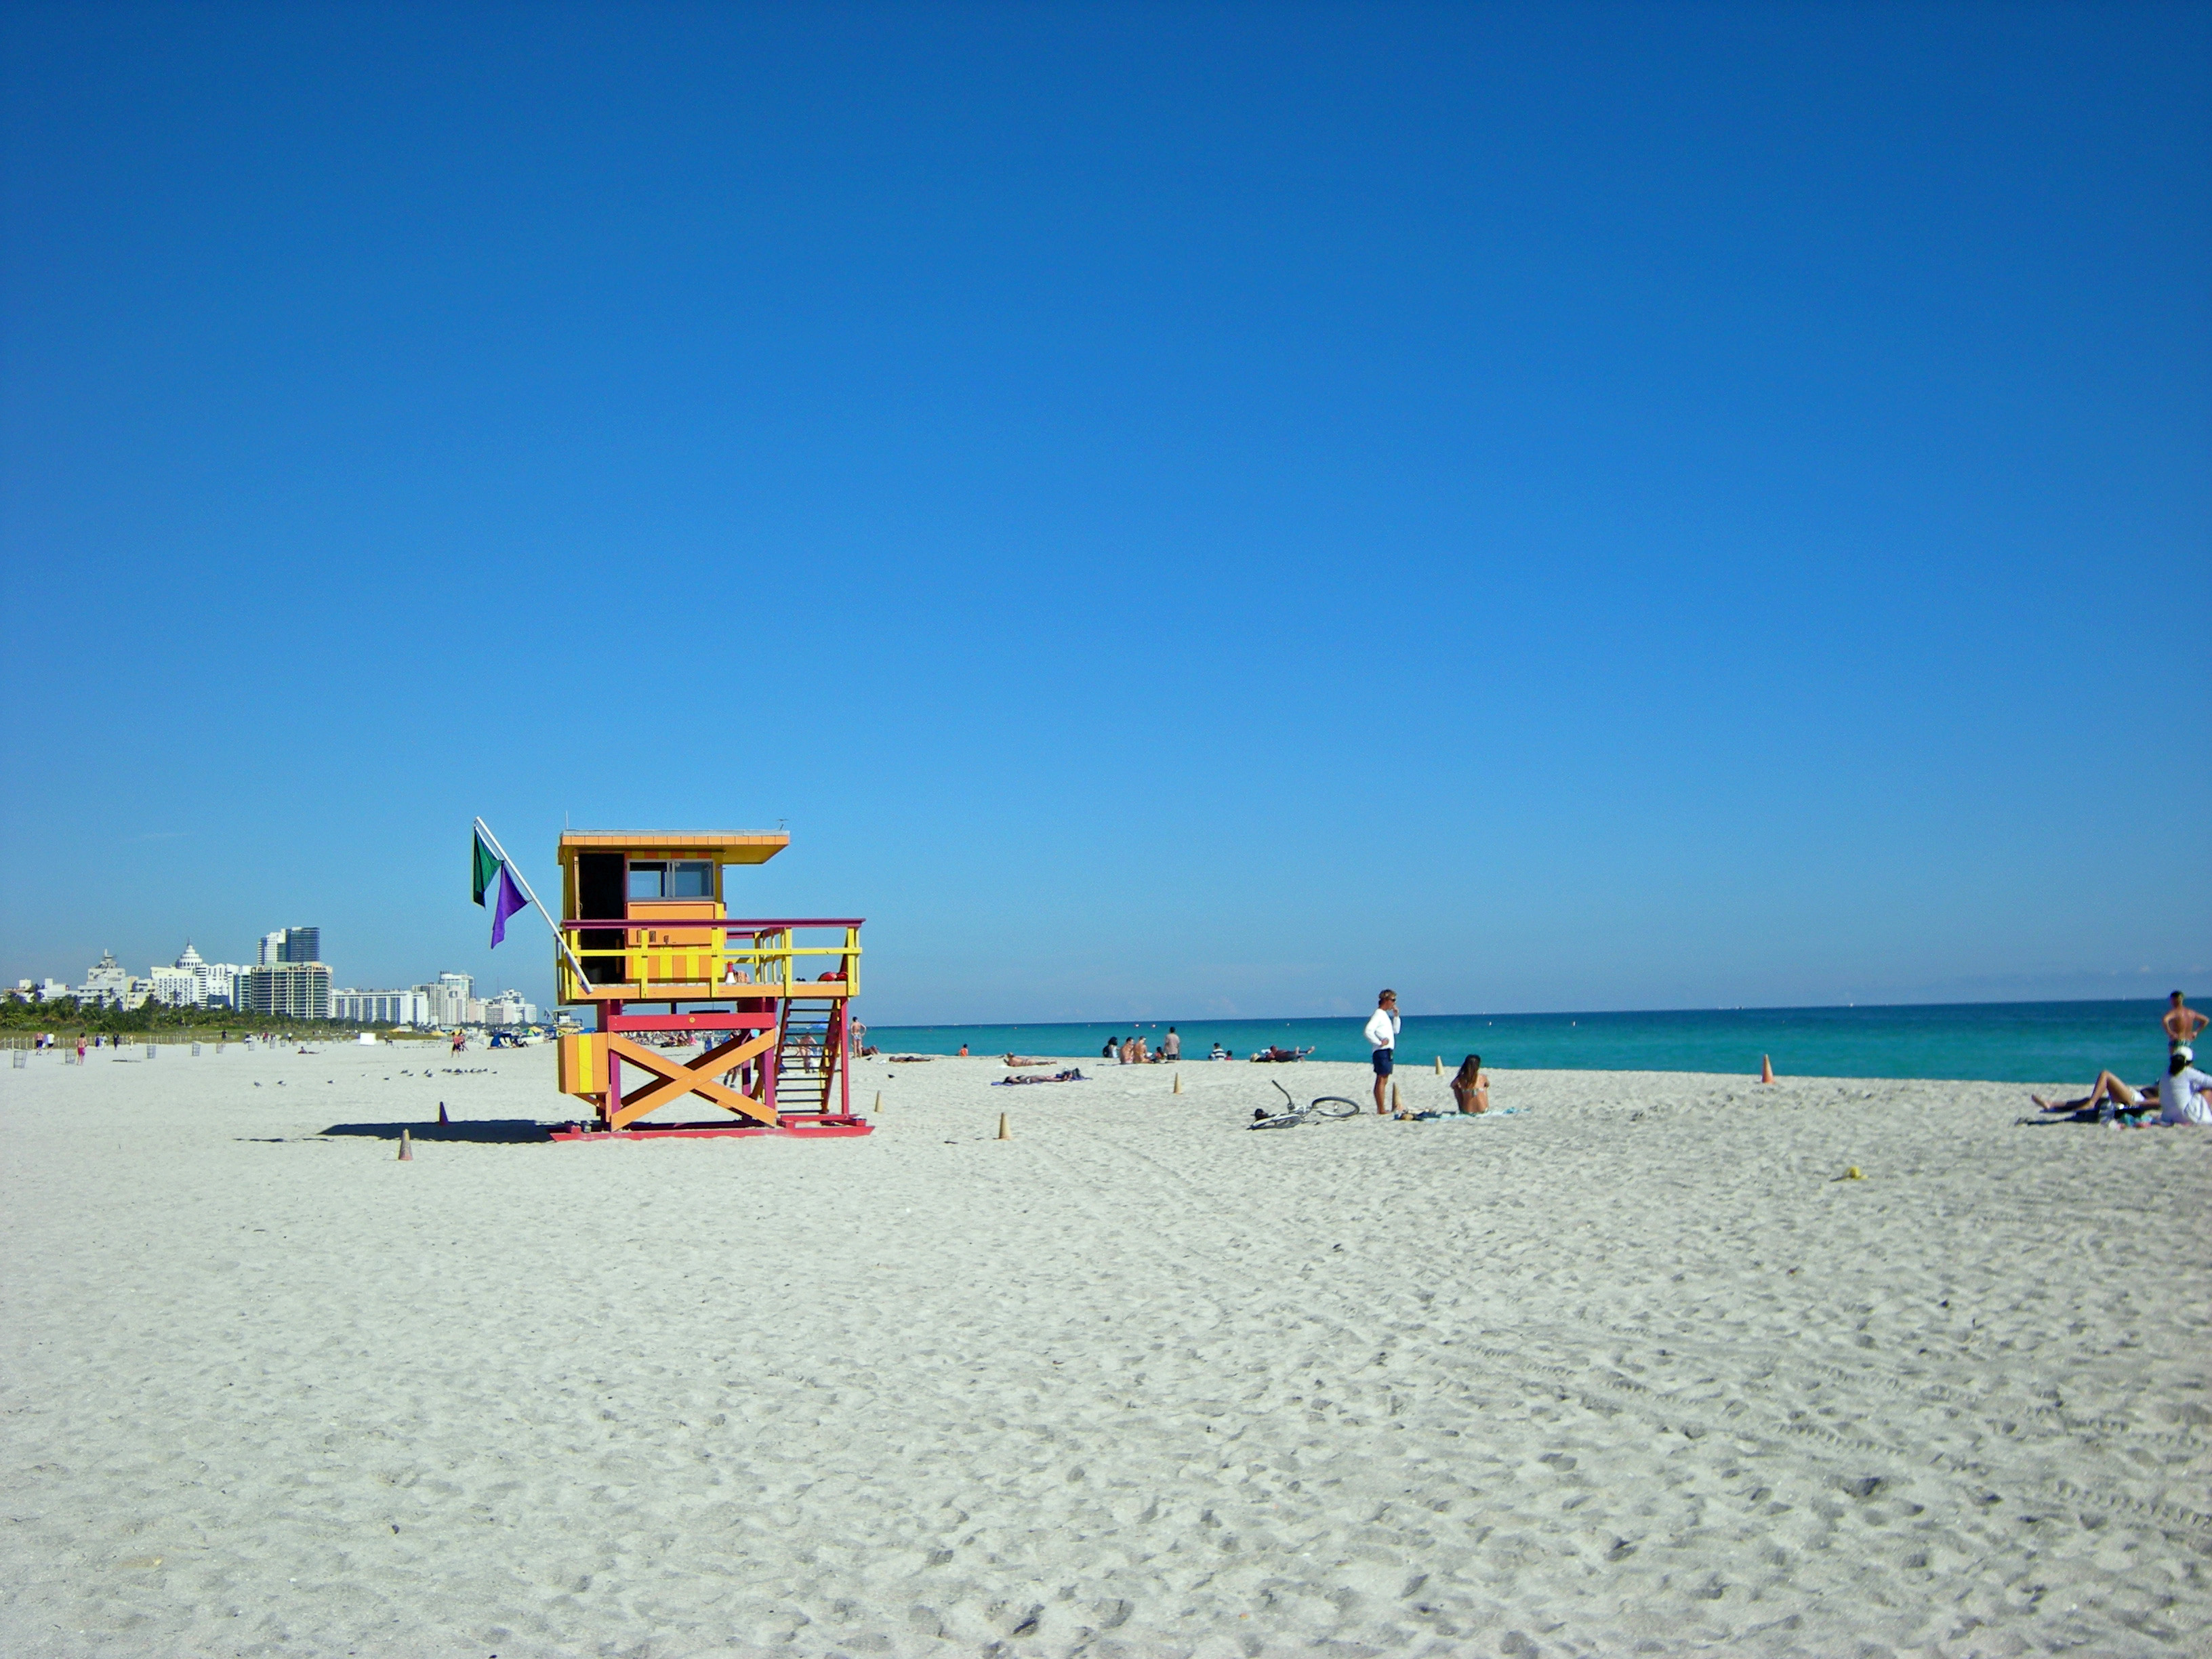 Miami Beach Florida 14 3264x2448